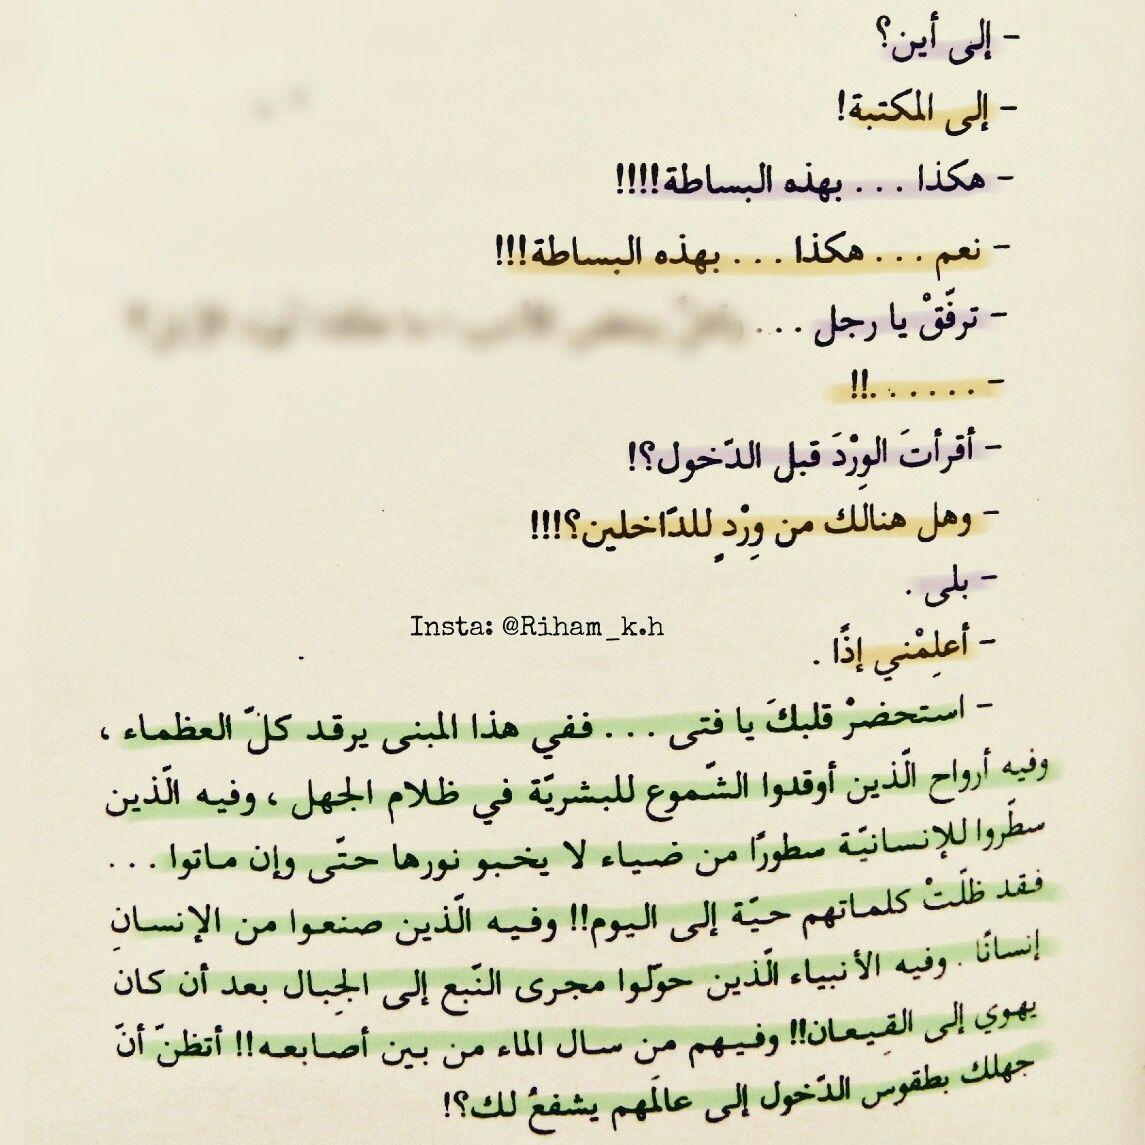 رواية ذائقة الموت ايمن العتوم Words Quotes Quotations Book Quotes